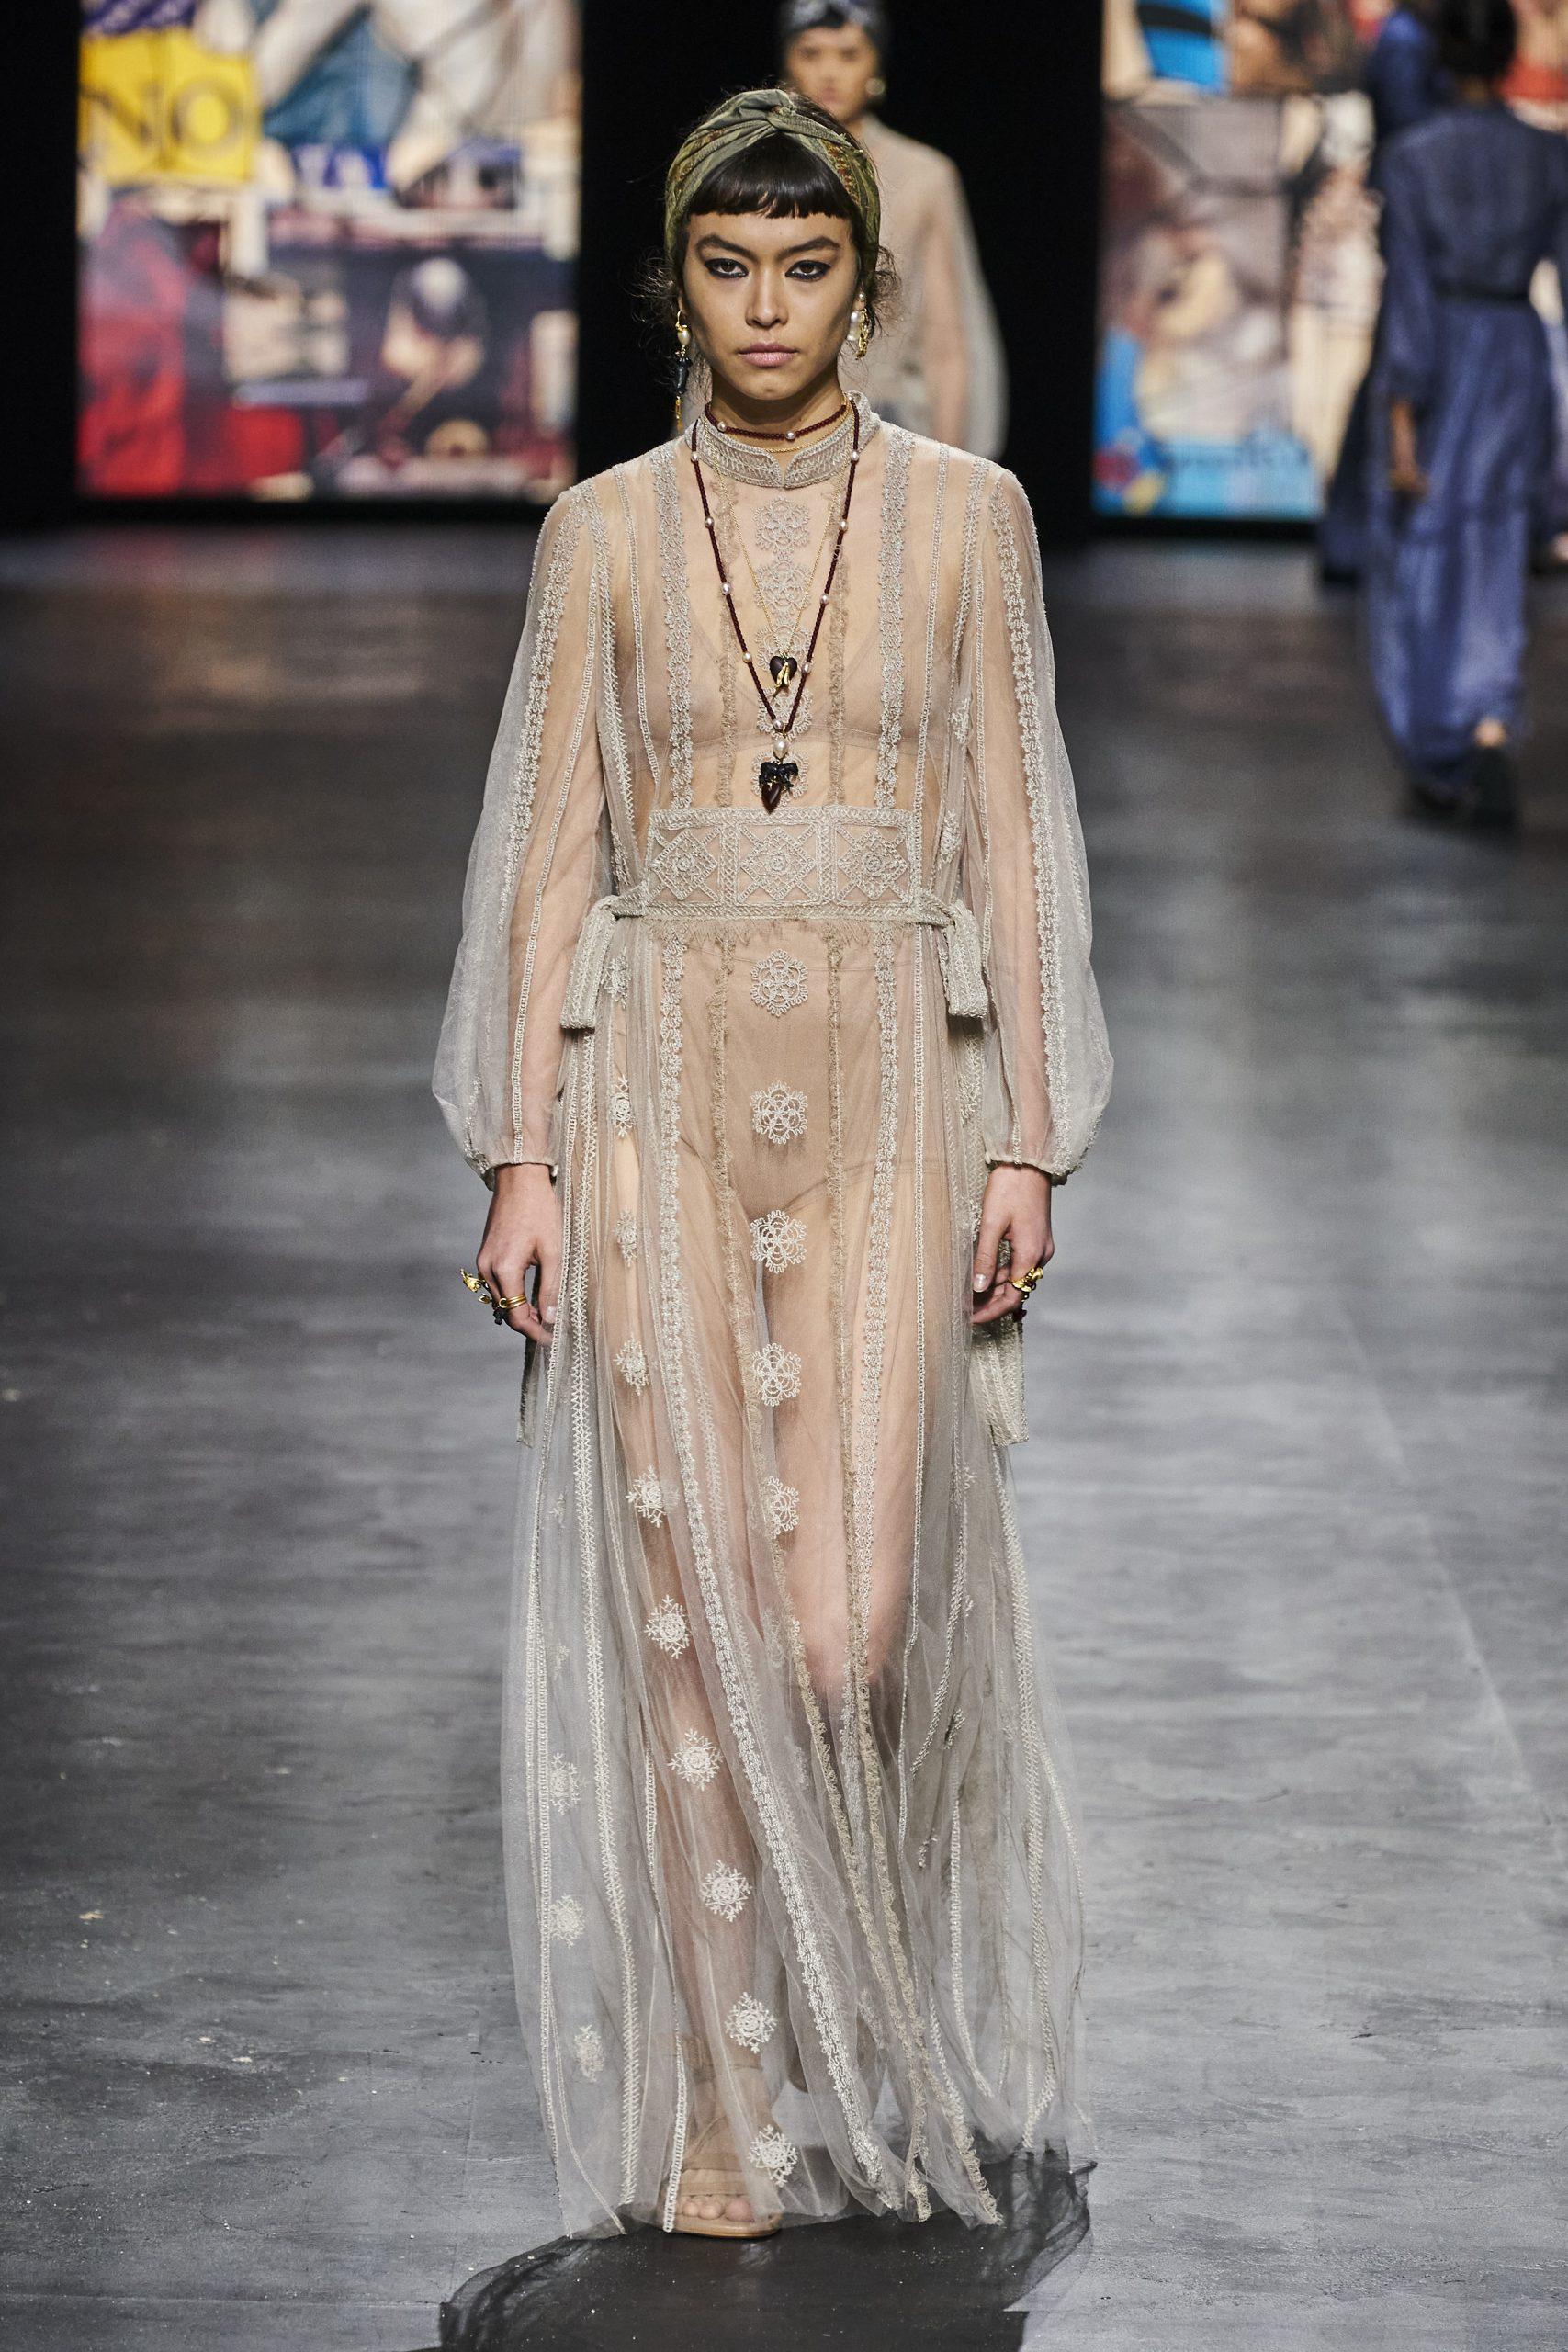 13. kép: Párizsi divathét - Christian Dior - 2021 tavasz-nyár - ready to wear